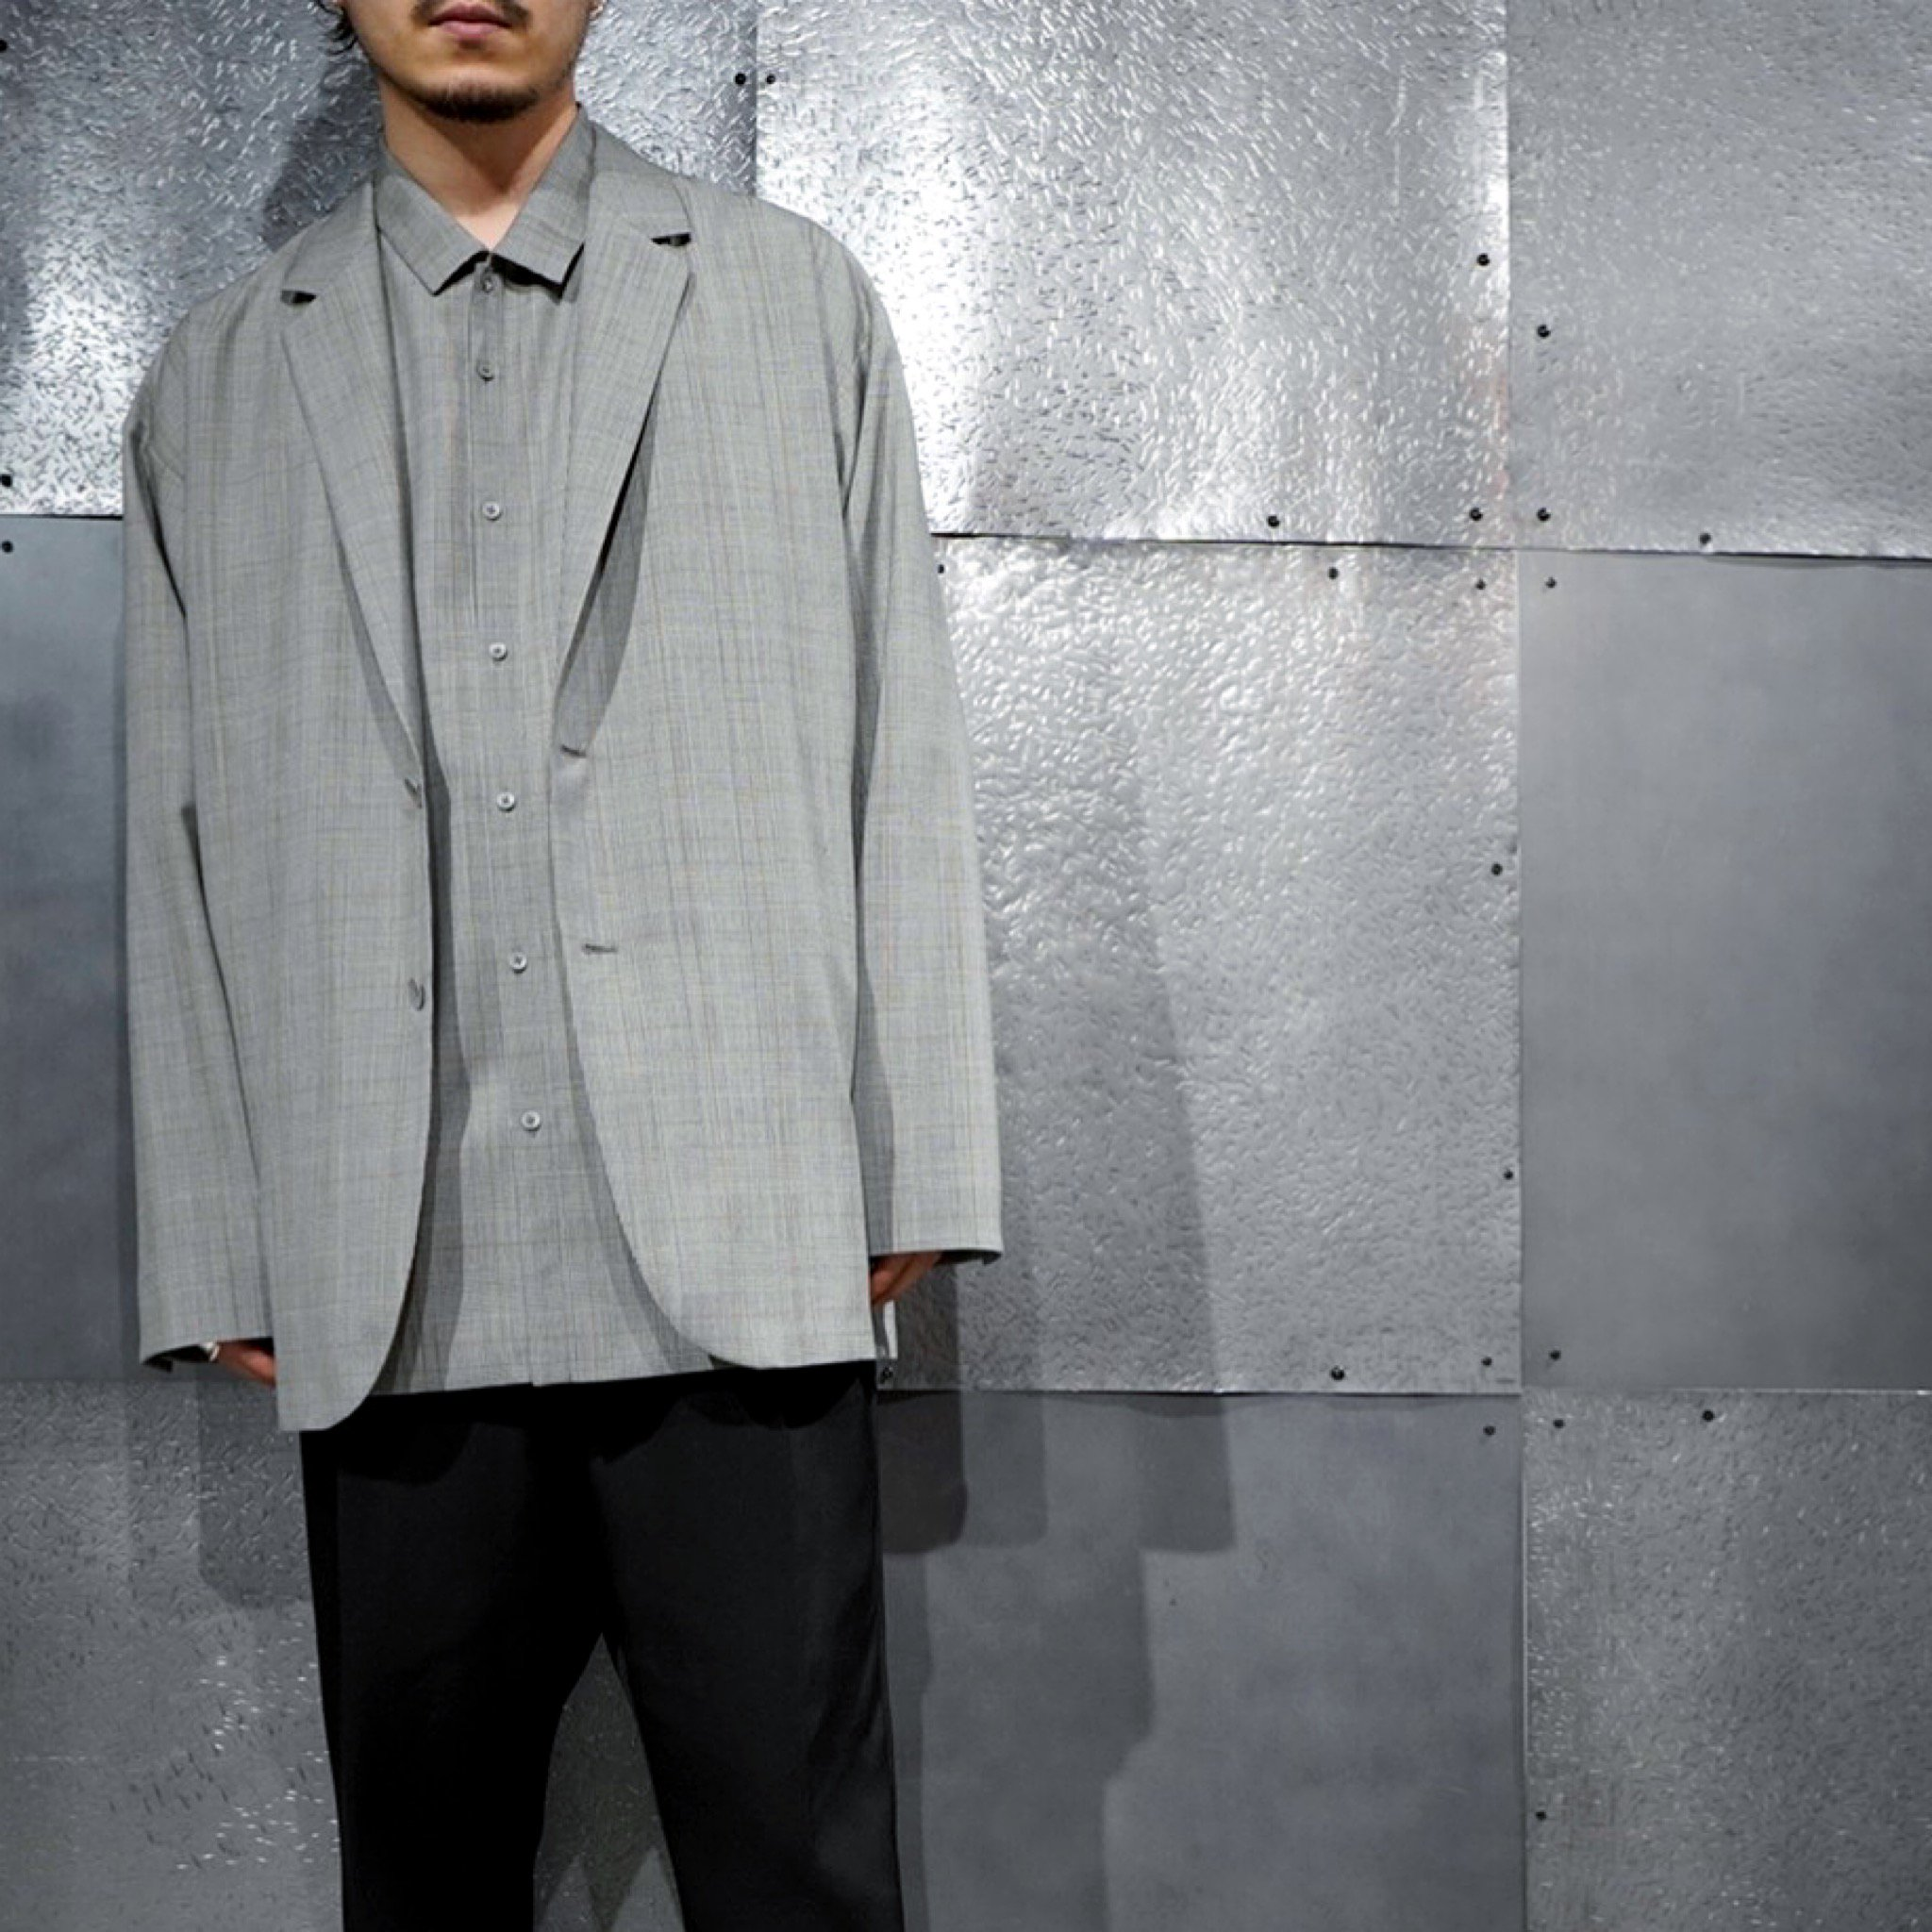 【ATON】<br>トロピカルウール オーバーサイズジャケット